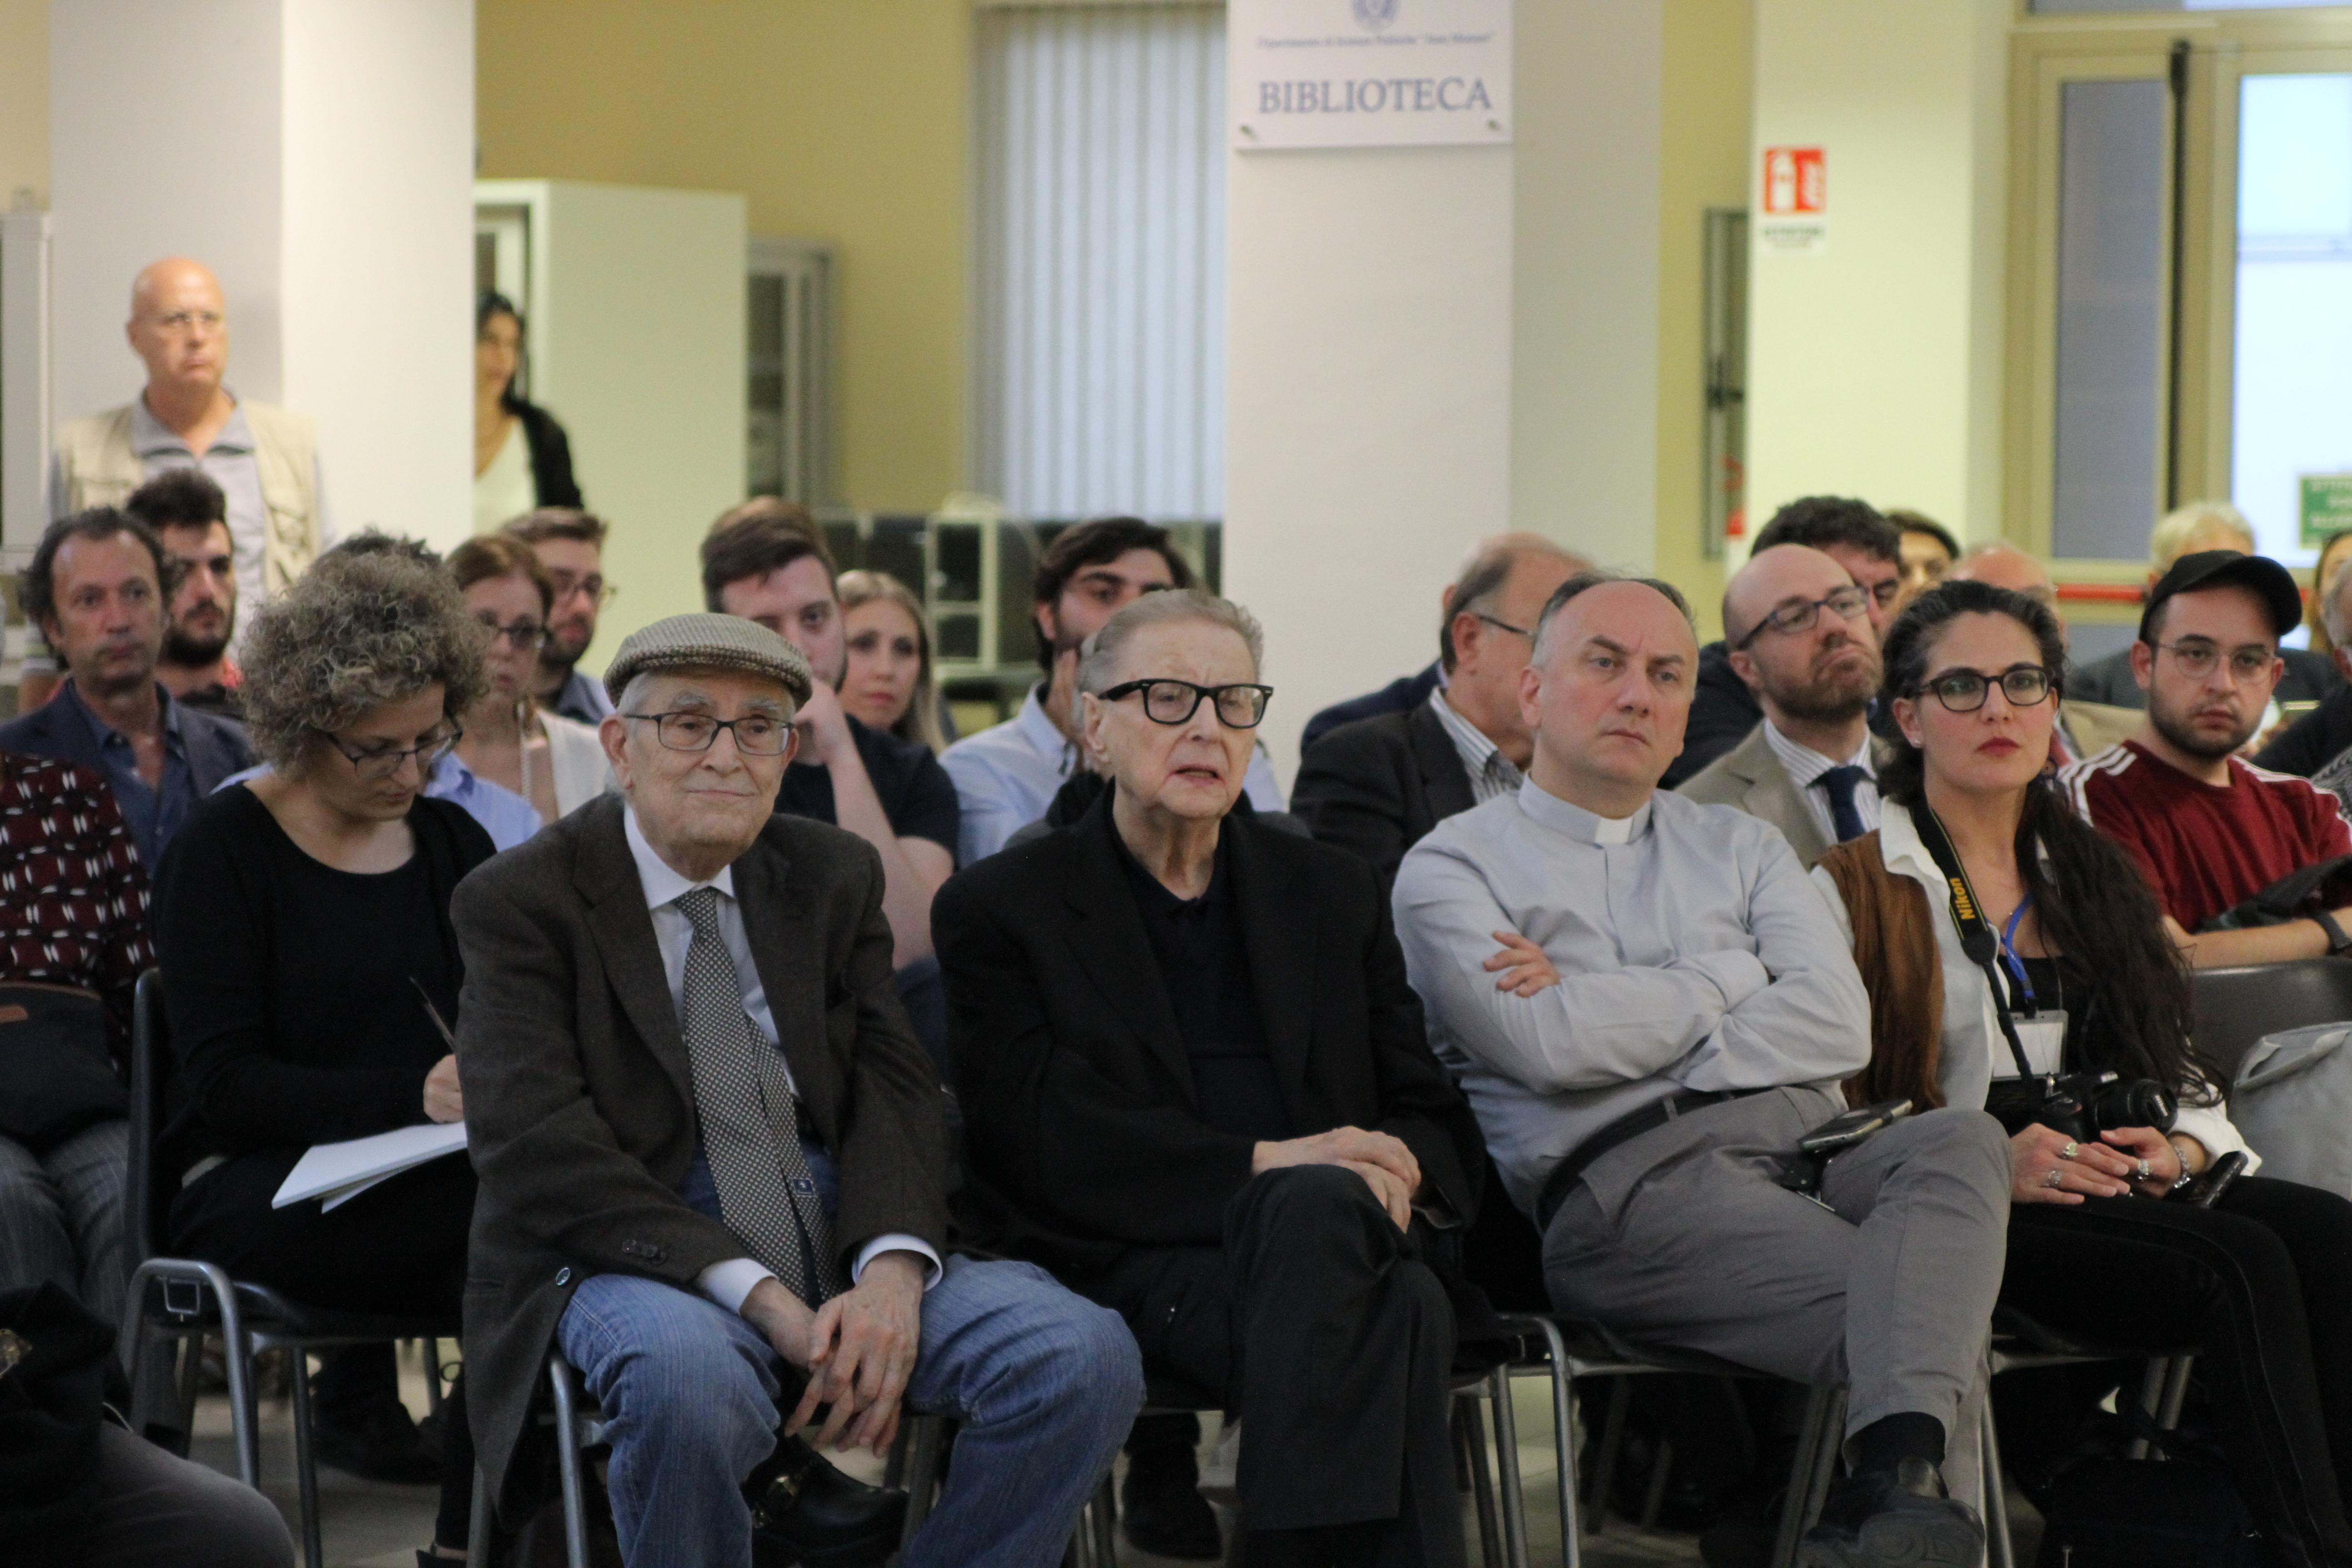 GFCG2737 EUROPA: INIZIO O FINE? LA LECTIO MAGISTRALIS CON MASSIMO CACCIARI, LA FOTOGALLERY